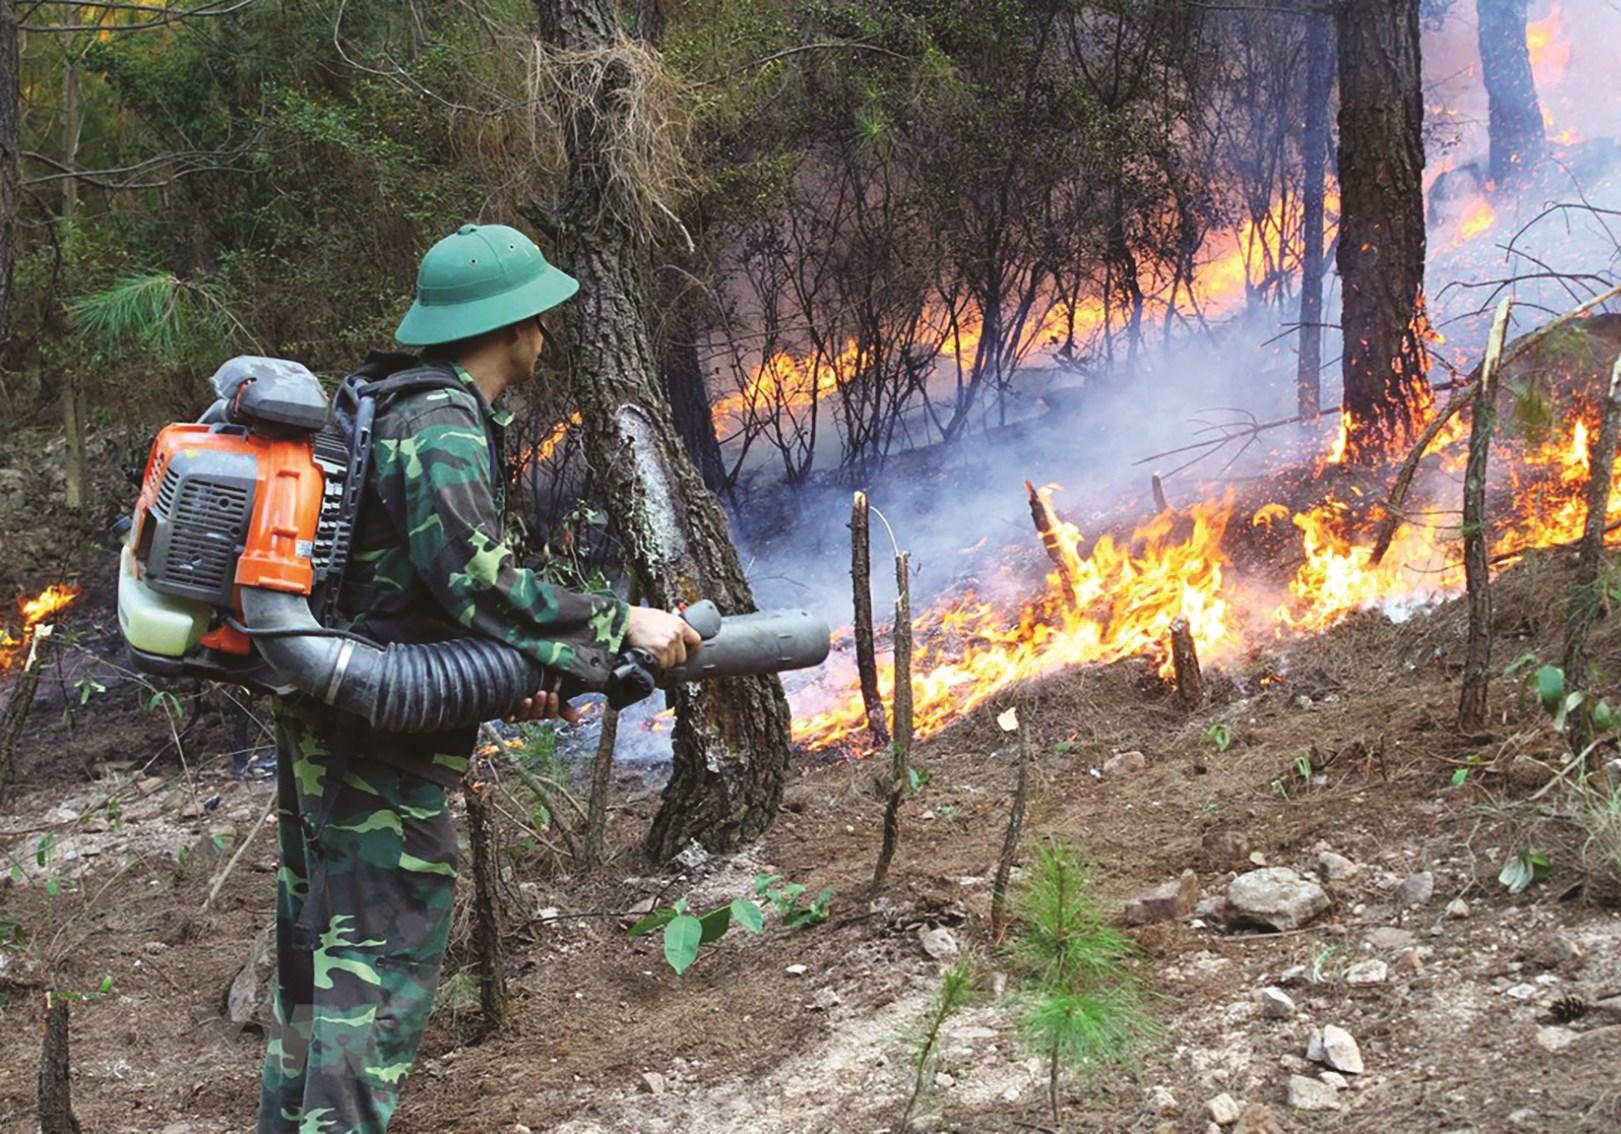 Diện tích rừng bị cháy tăng là thách thức đối với tăng trưởng của ngành Lâm nghiệp. (Trong ảnh: Các lực lượng chức năng nỗ lực dập lửa tại xã Diễn Lợi, huyện Diễn Châu, tỉnh Nghệ An ngày 28/6/2020)